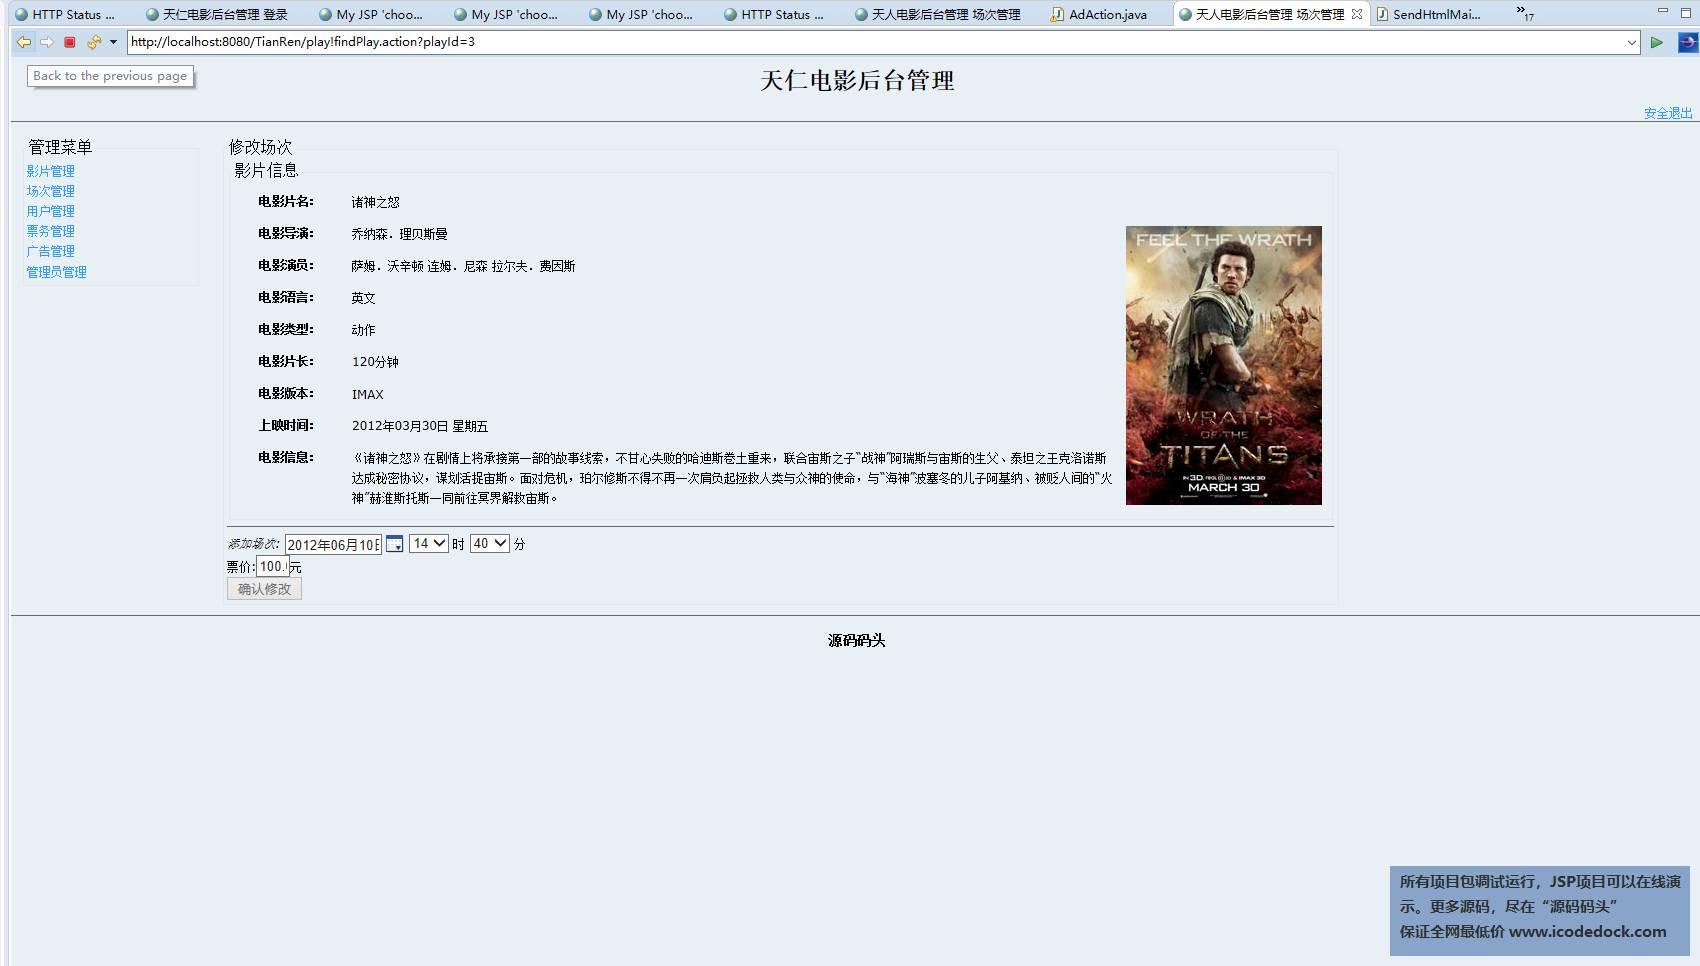 源码码头-SSH电影订票管理系统-管理员角色-修改场次